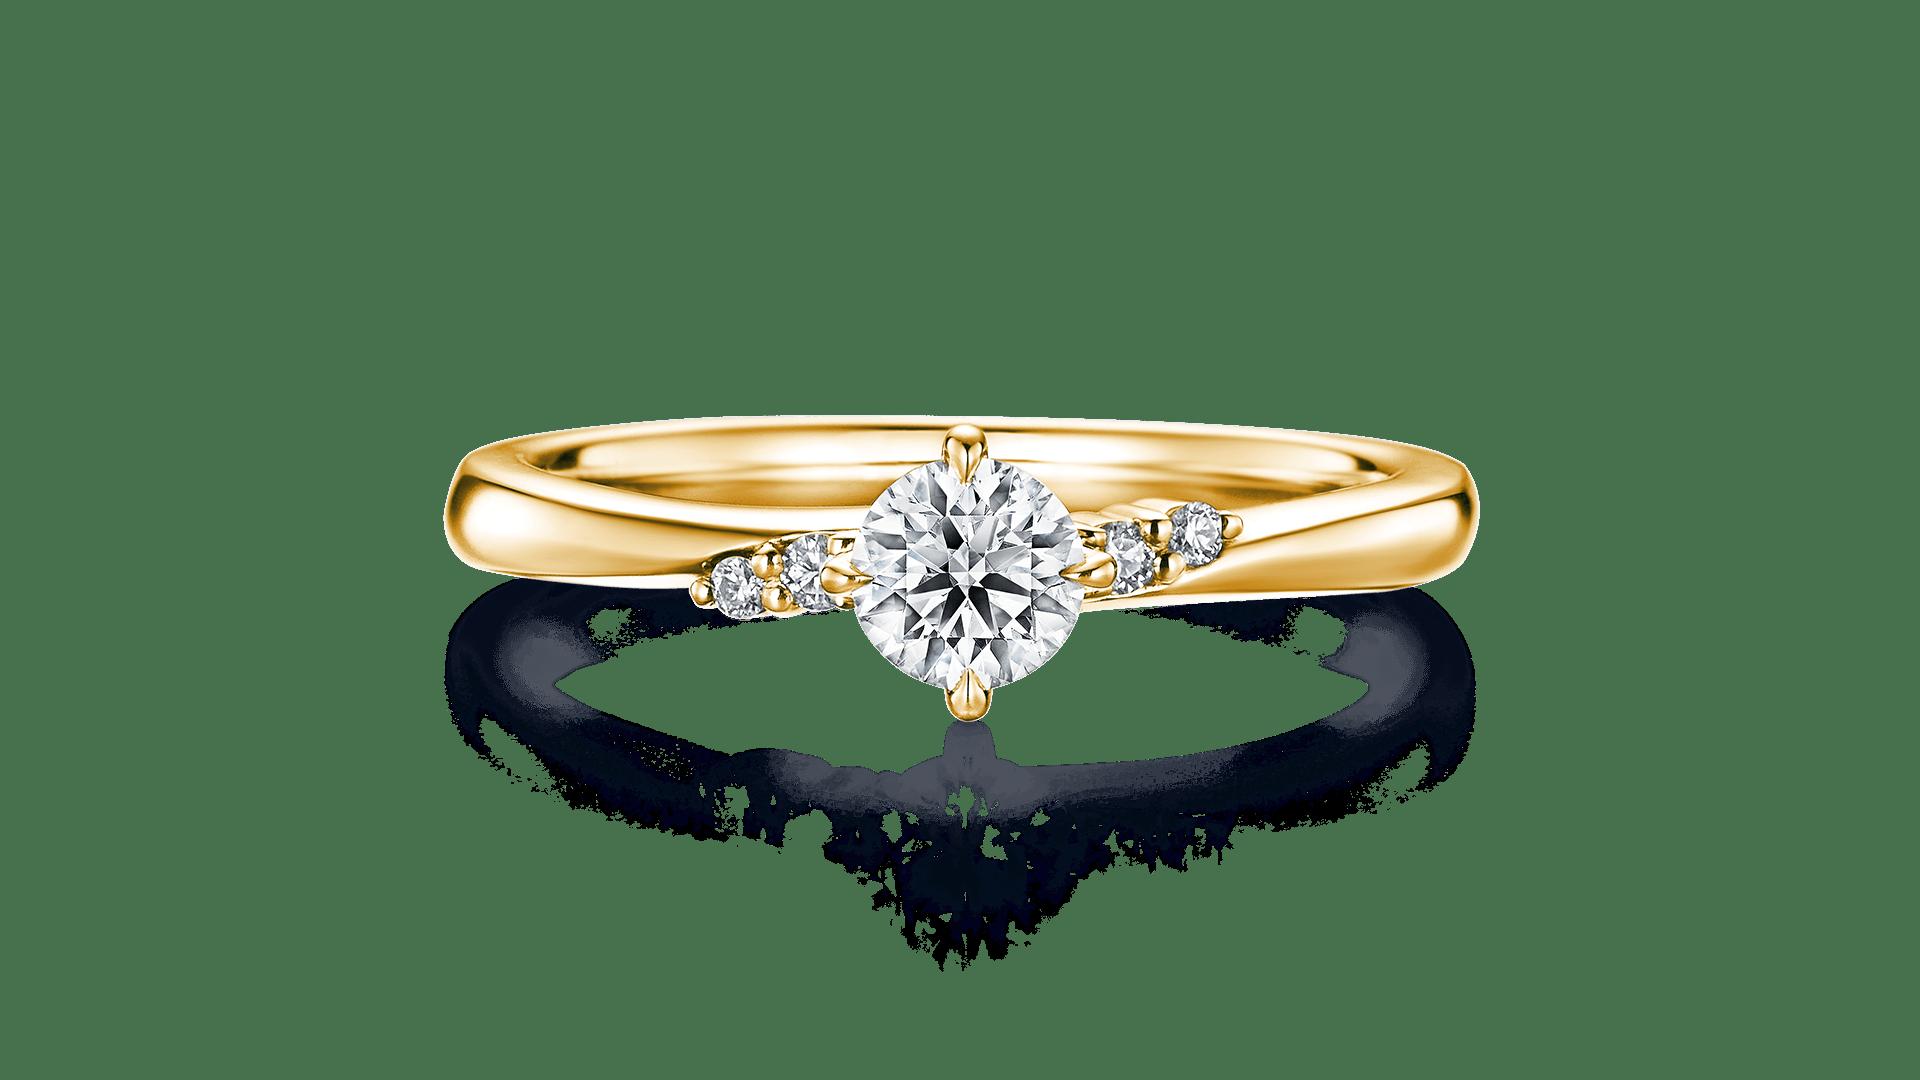 sagitta サジッタ | 婚約指輪サムネイル 1